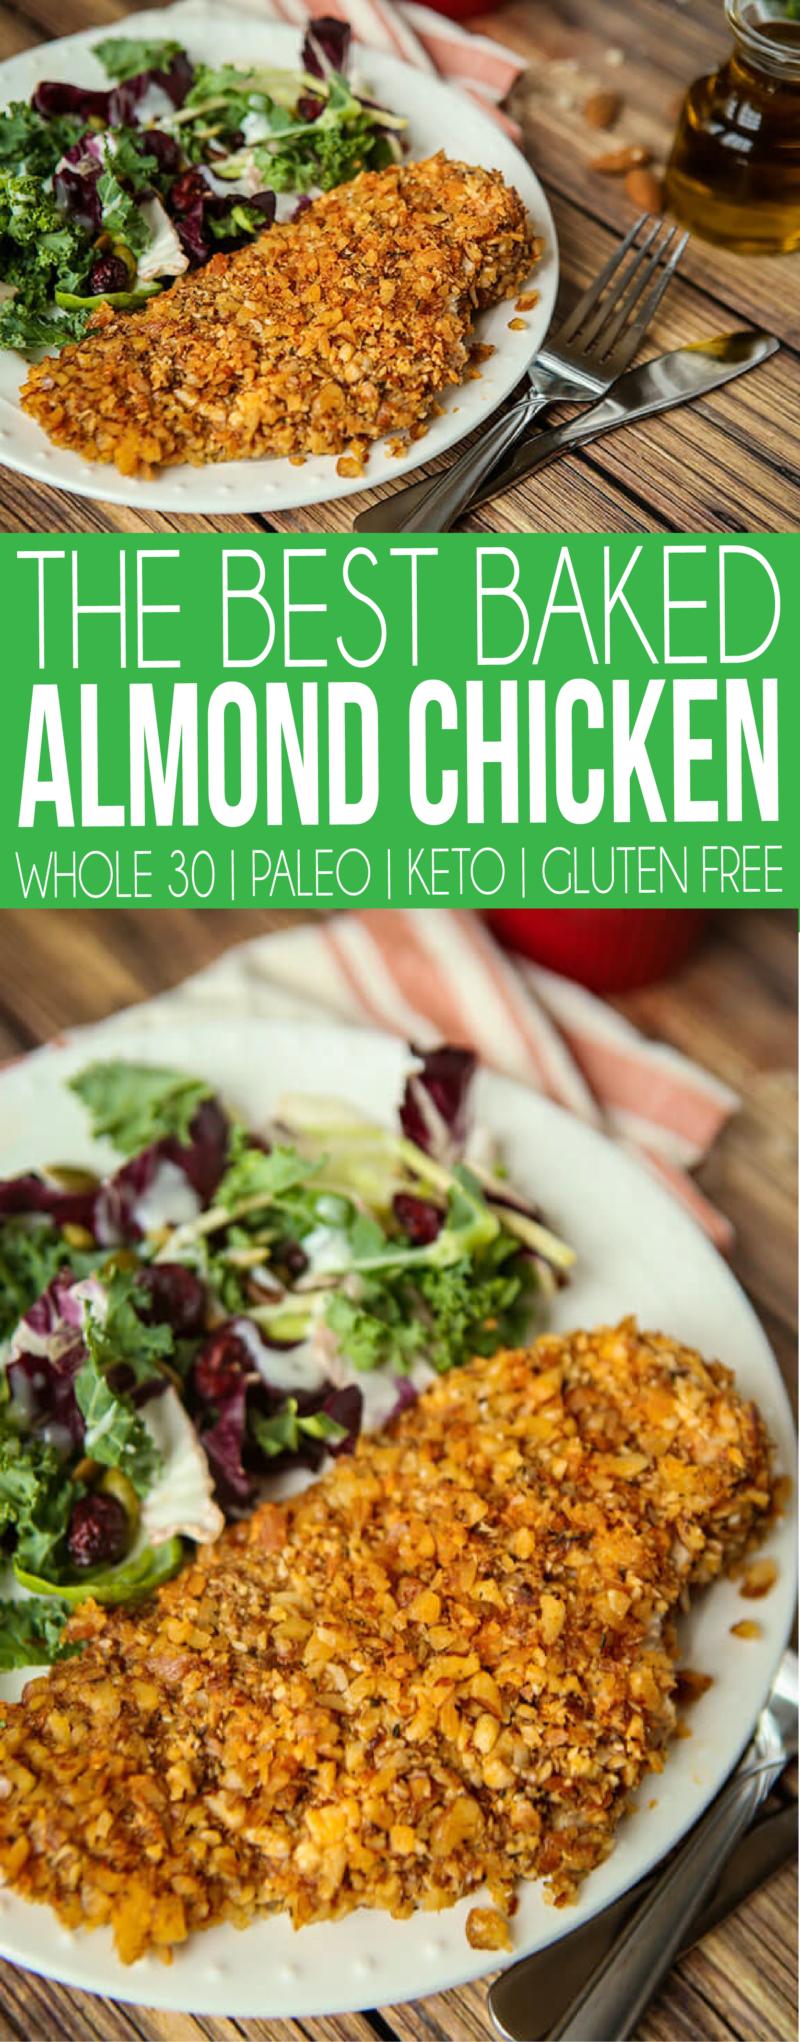 Paleo Garlic Almond Chicken (Whole 30 - Keto - Gluten Free) images